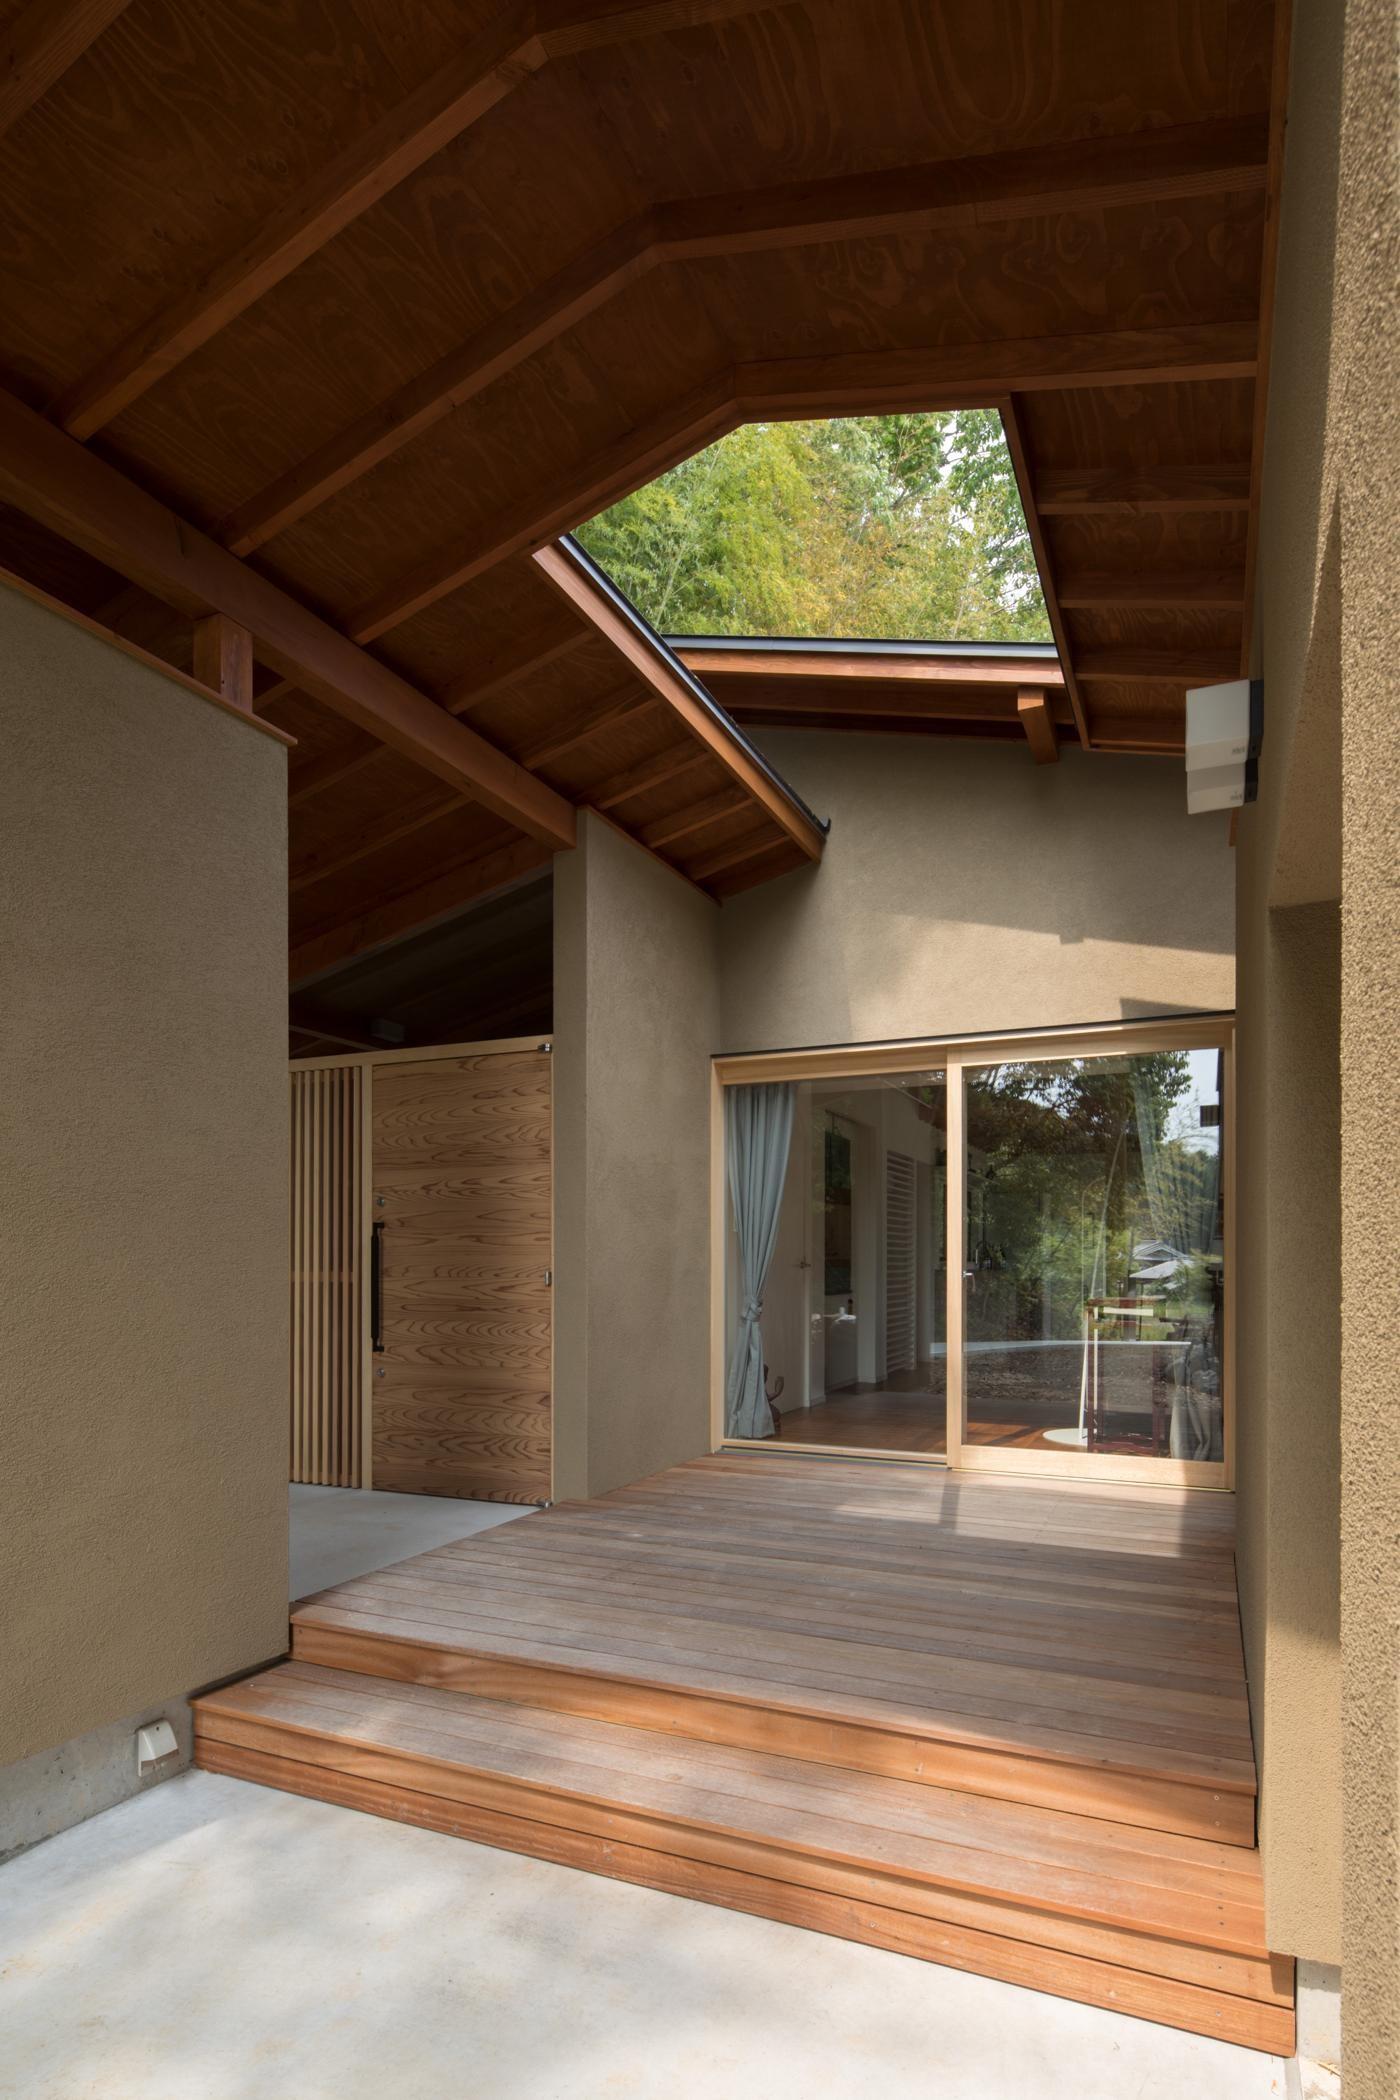 アウトドア事例:リビングと玄関ポーチに面したウッドデッキ(竹林の家/里山と竹林に囲まれながら田園風景を見渡す大らかな住まい)